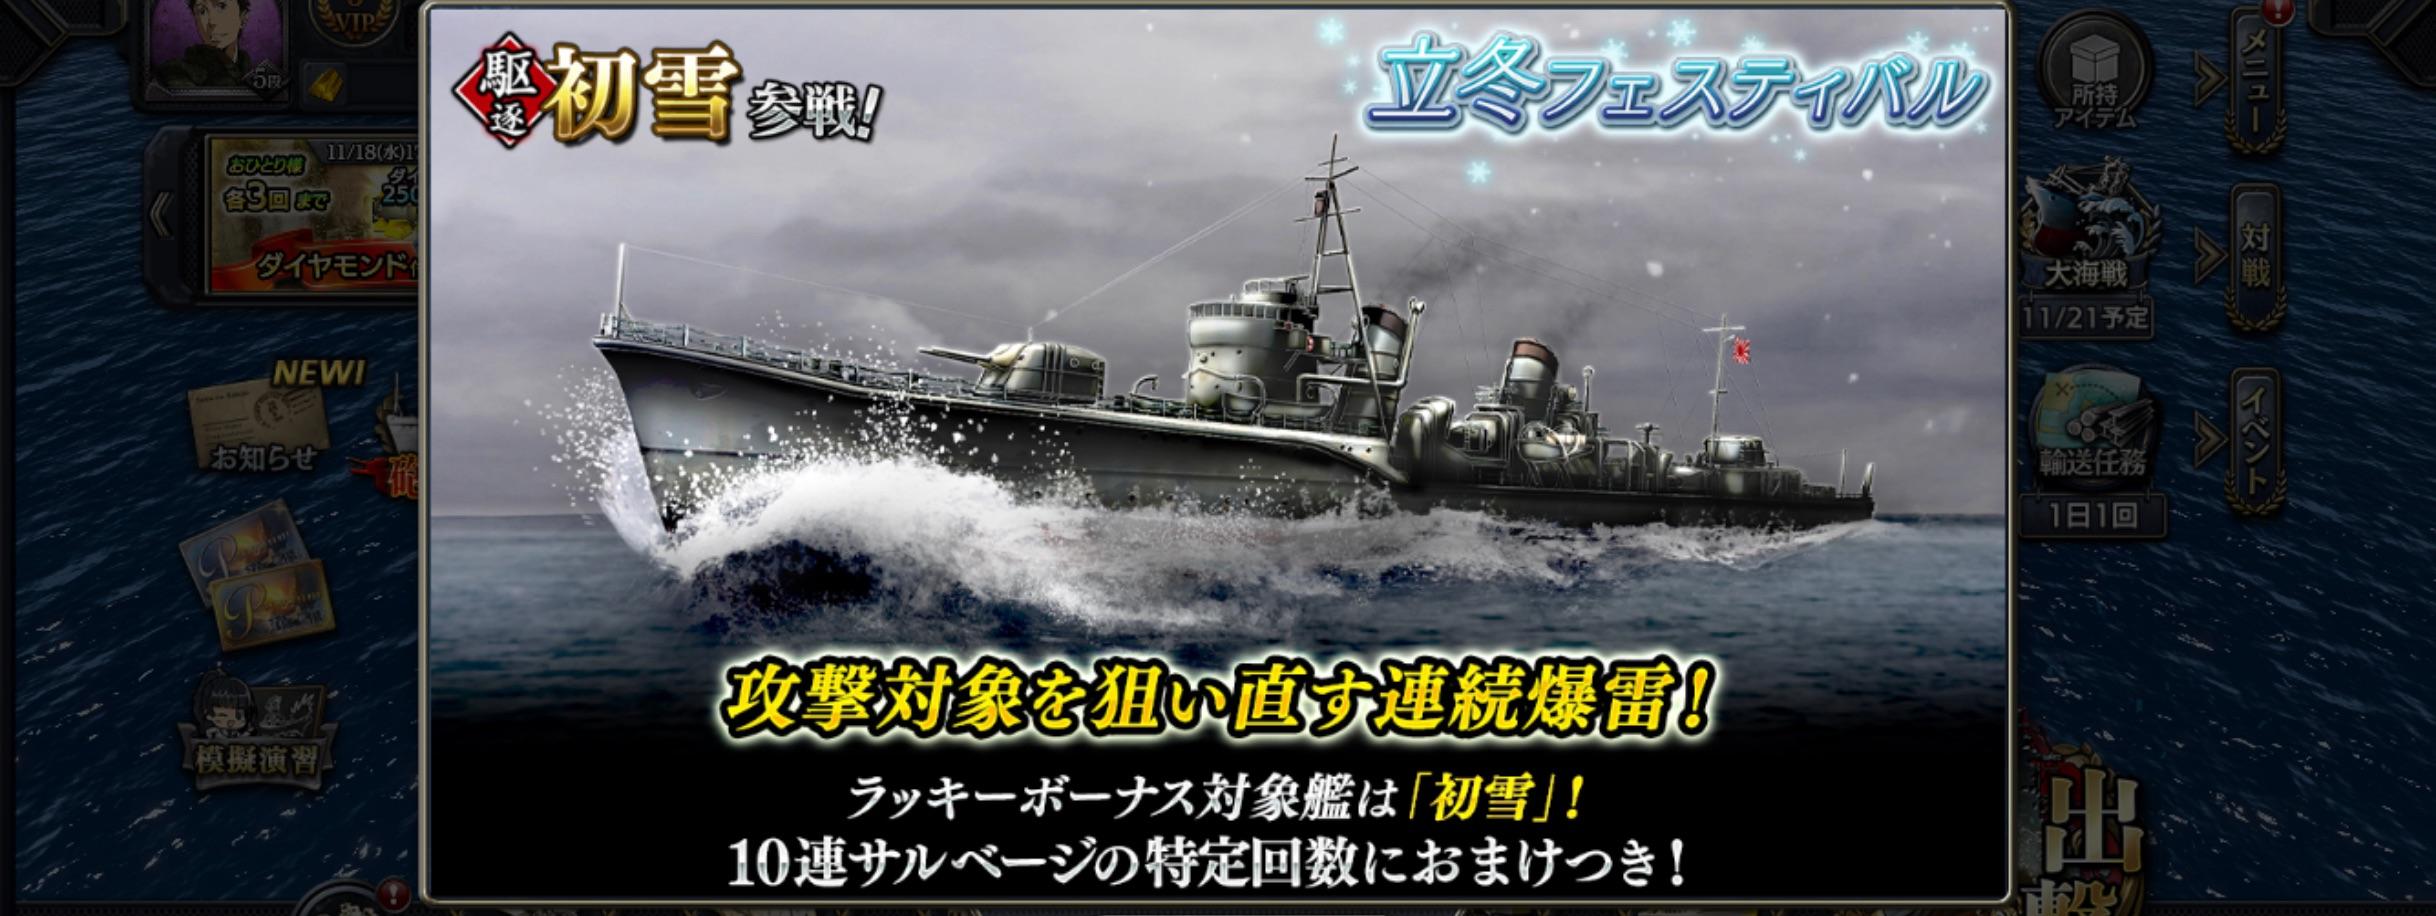 Hatsuyuki-salvage